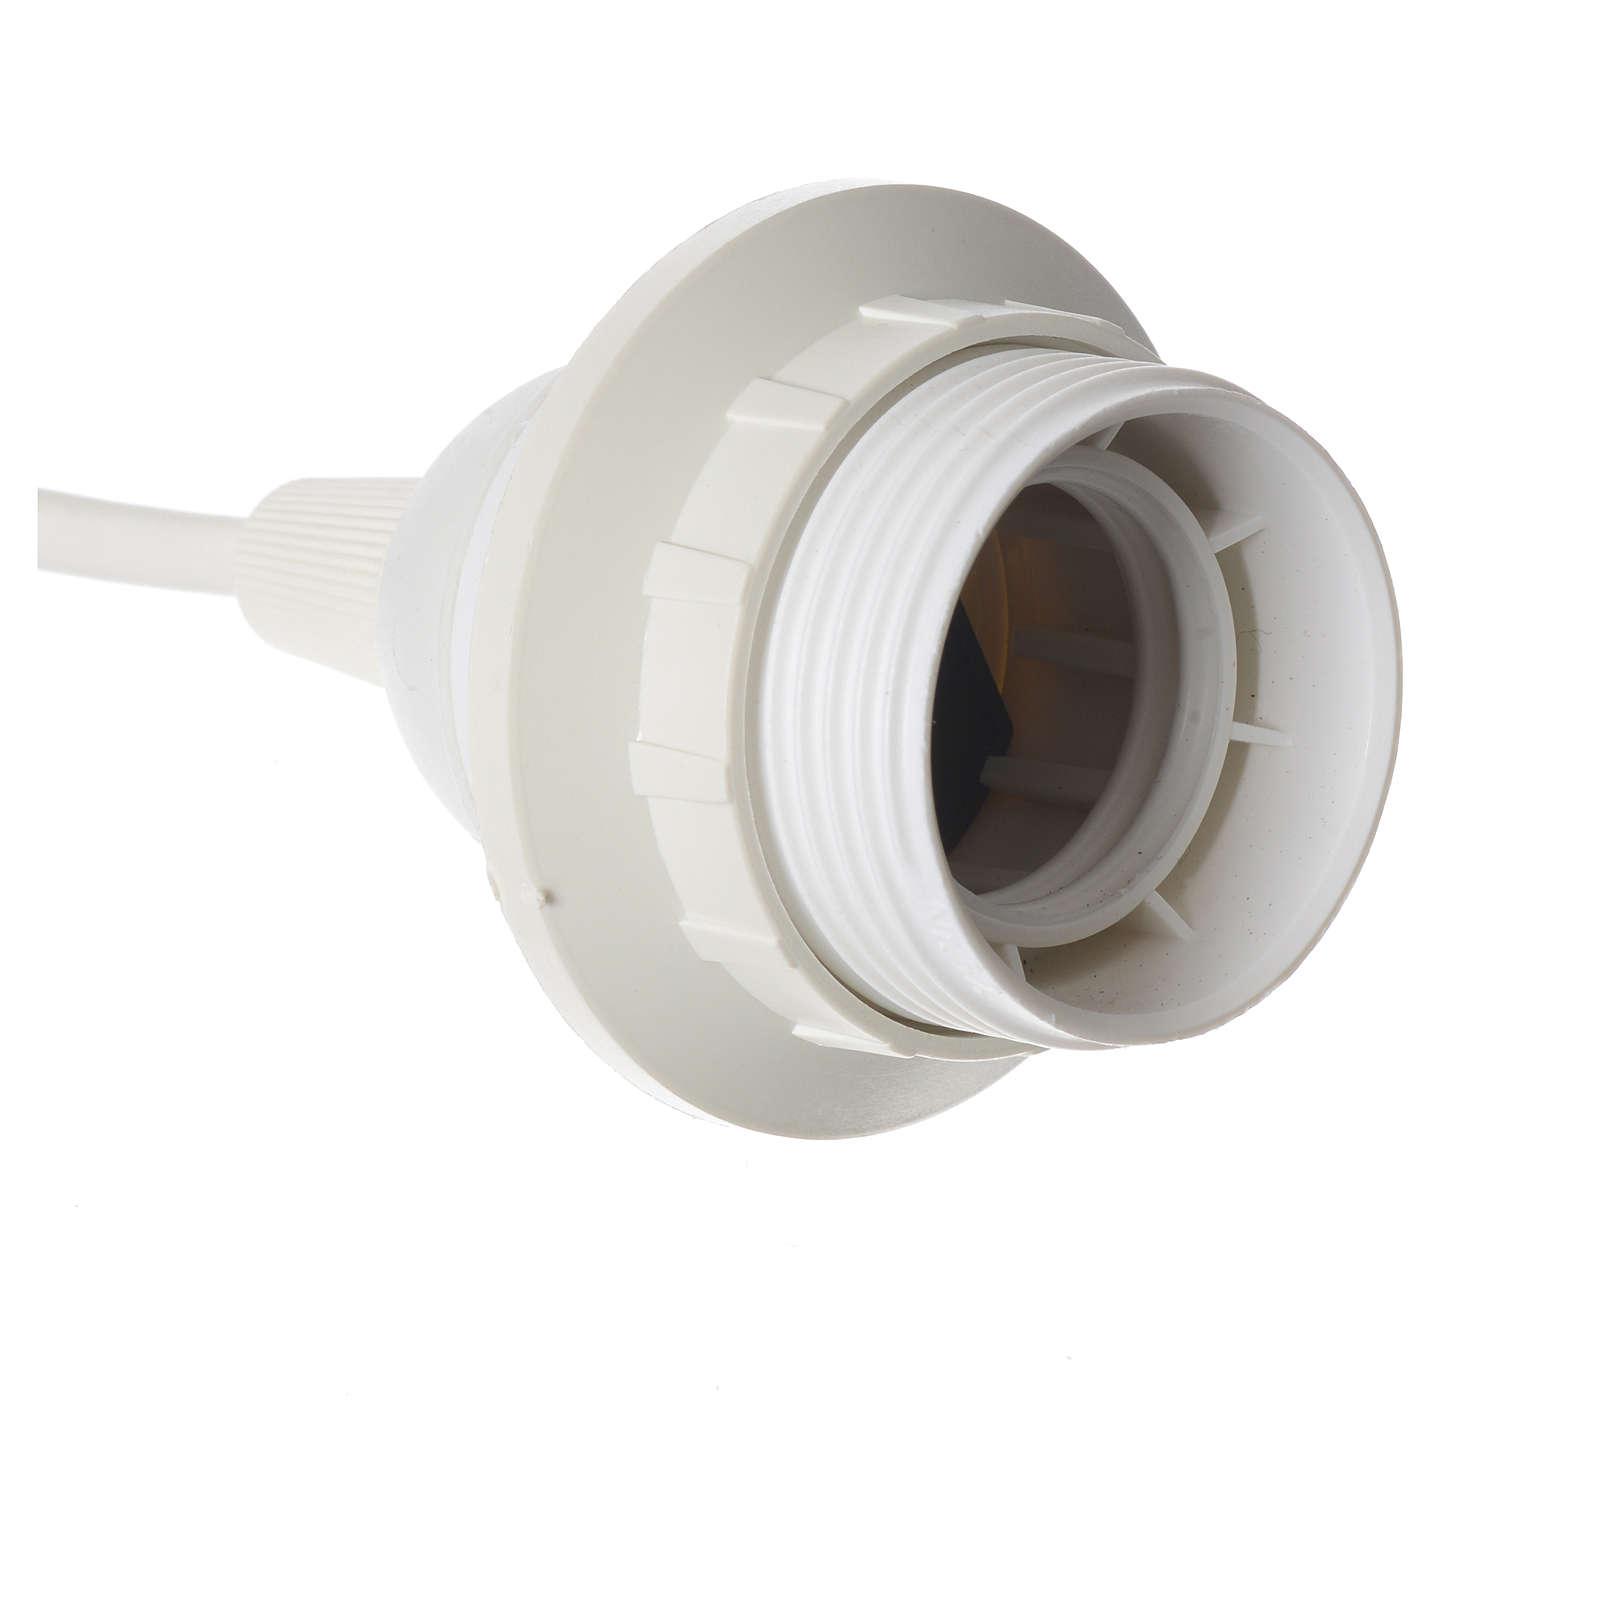 lampenfassusng e27 weiss mit kabel und steckdose | online verfauf